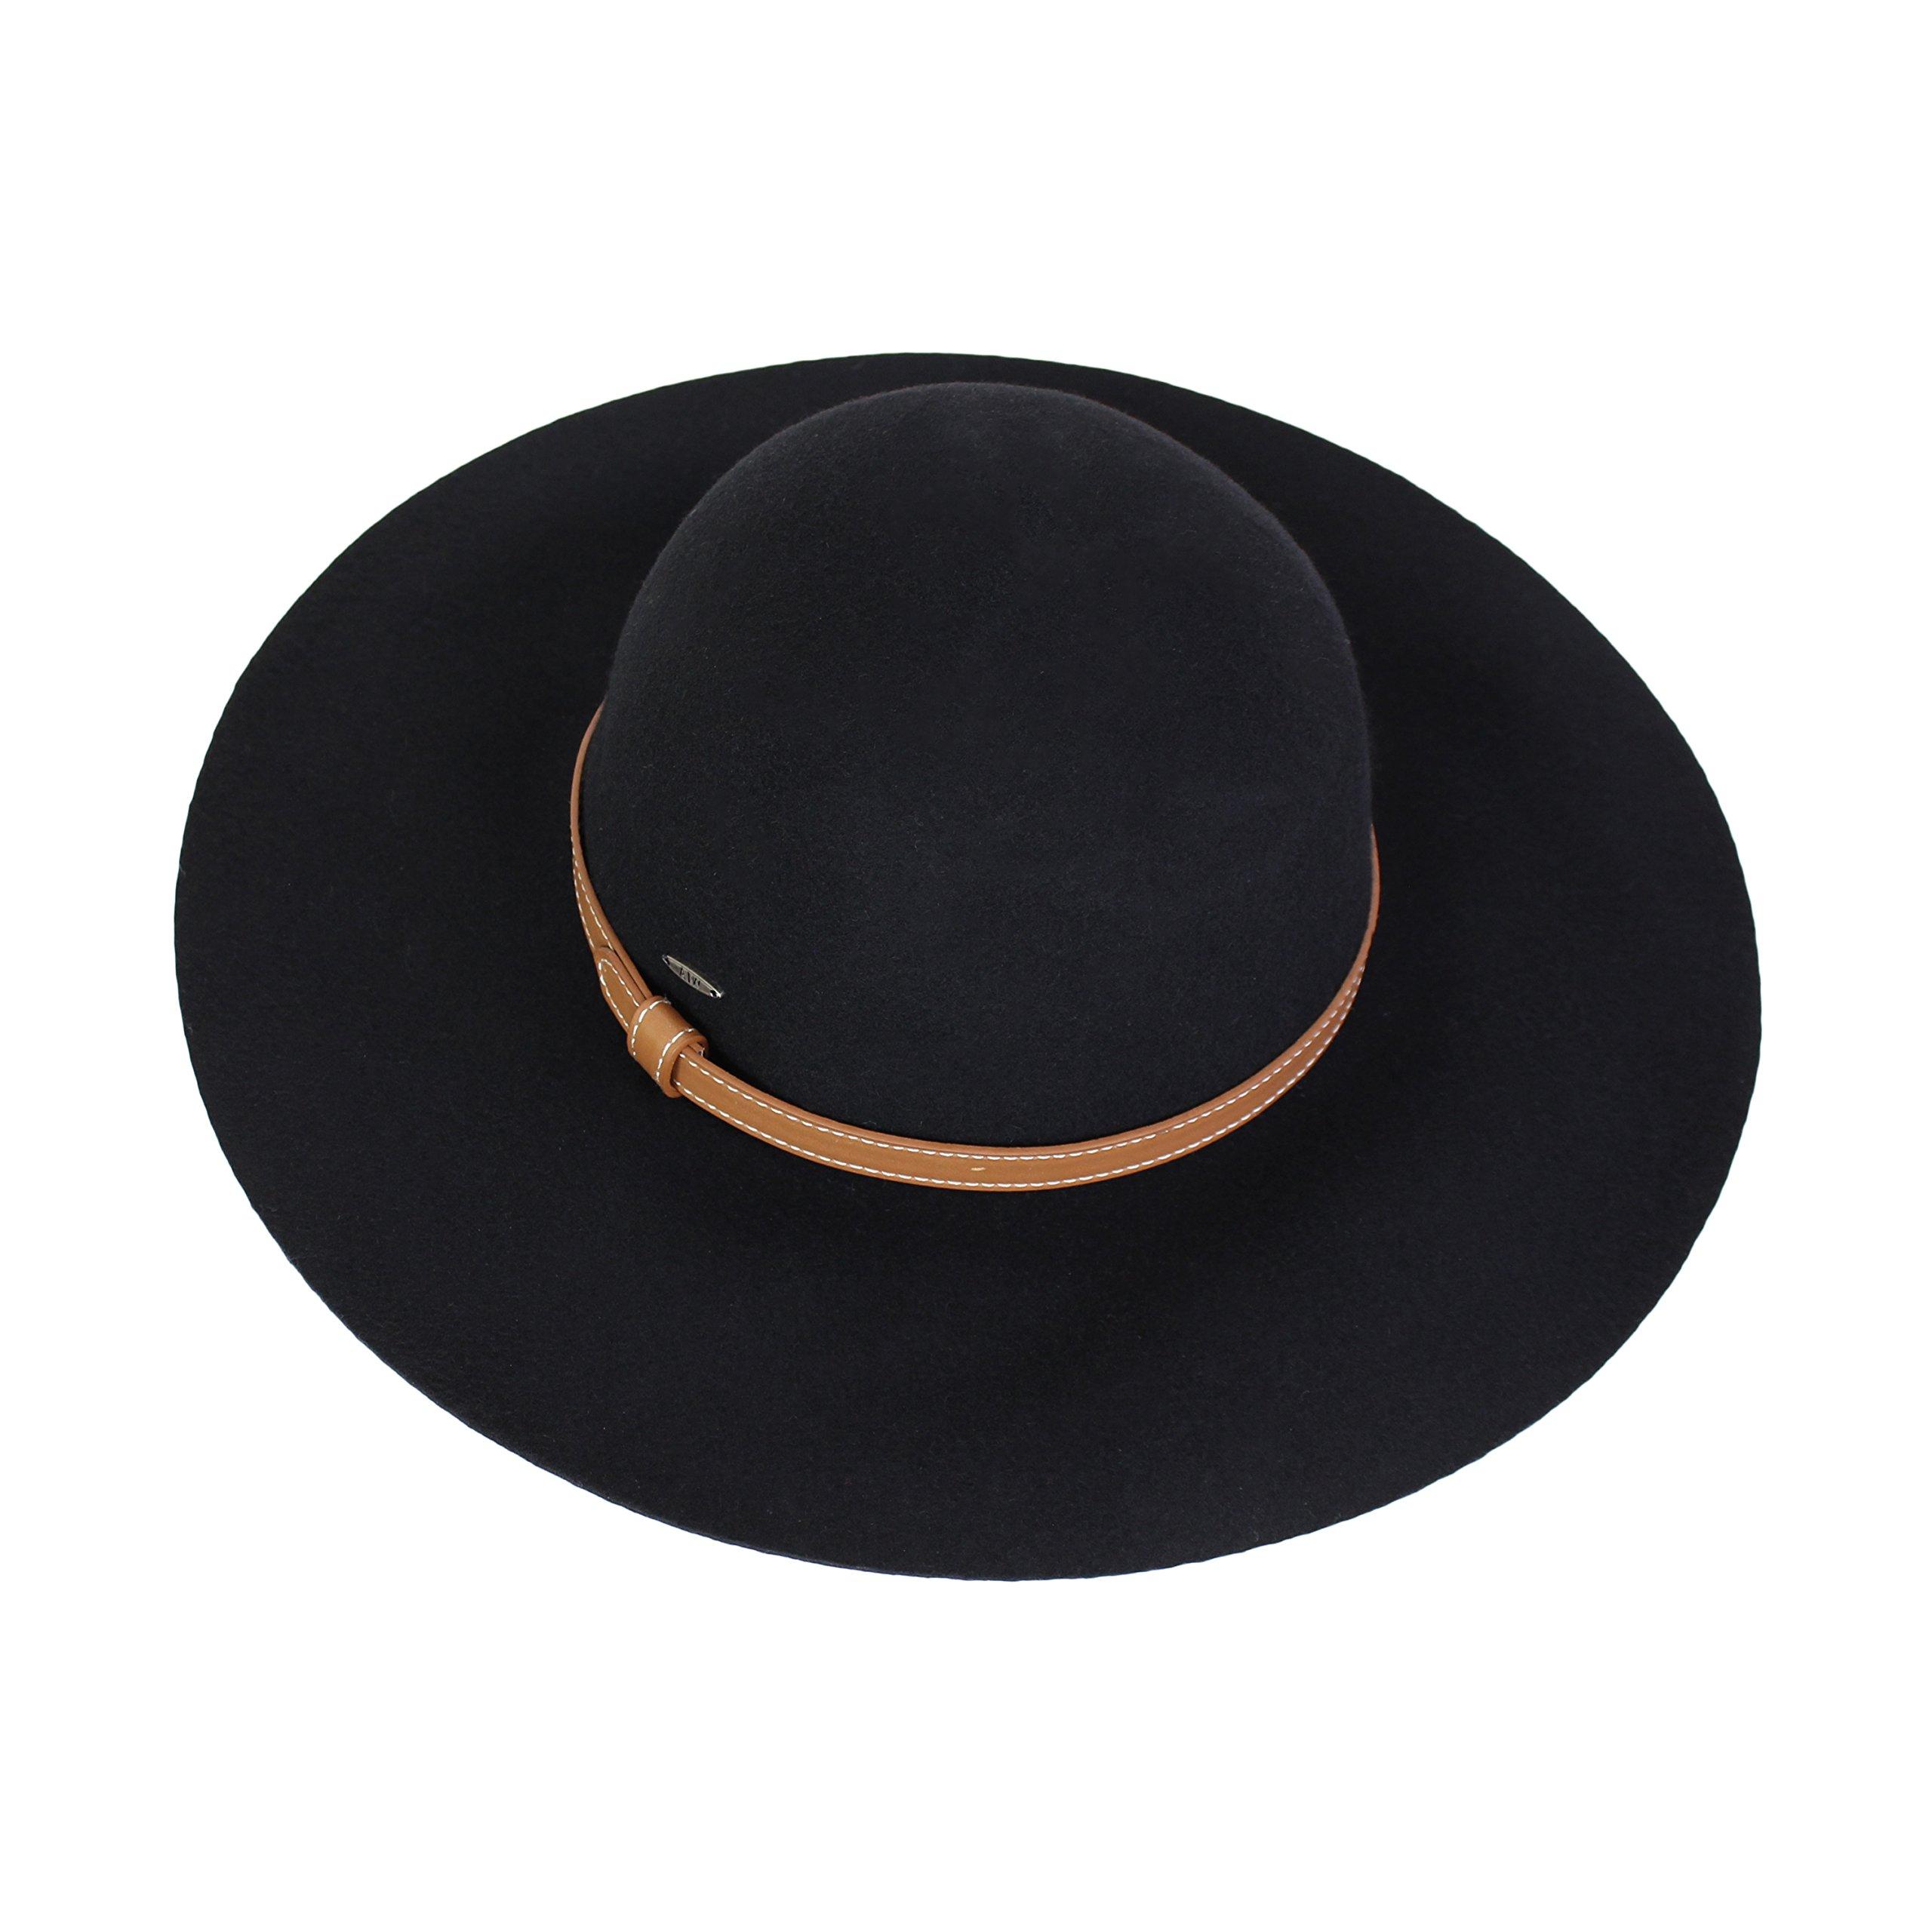 Elliott and Oliver Co. Vintage 100% Wool Felt Floppy Hat Fedora With Wide Brim and Vegan Leather Belt Trim (Black)